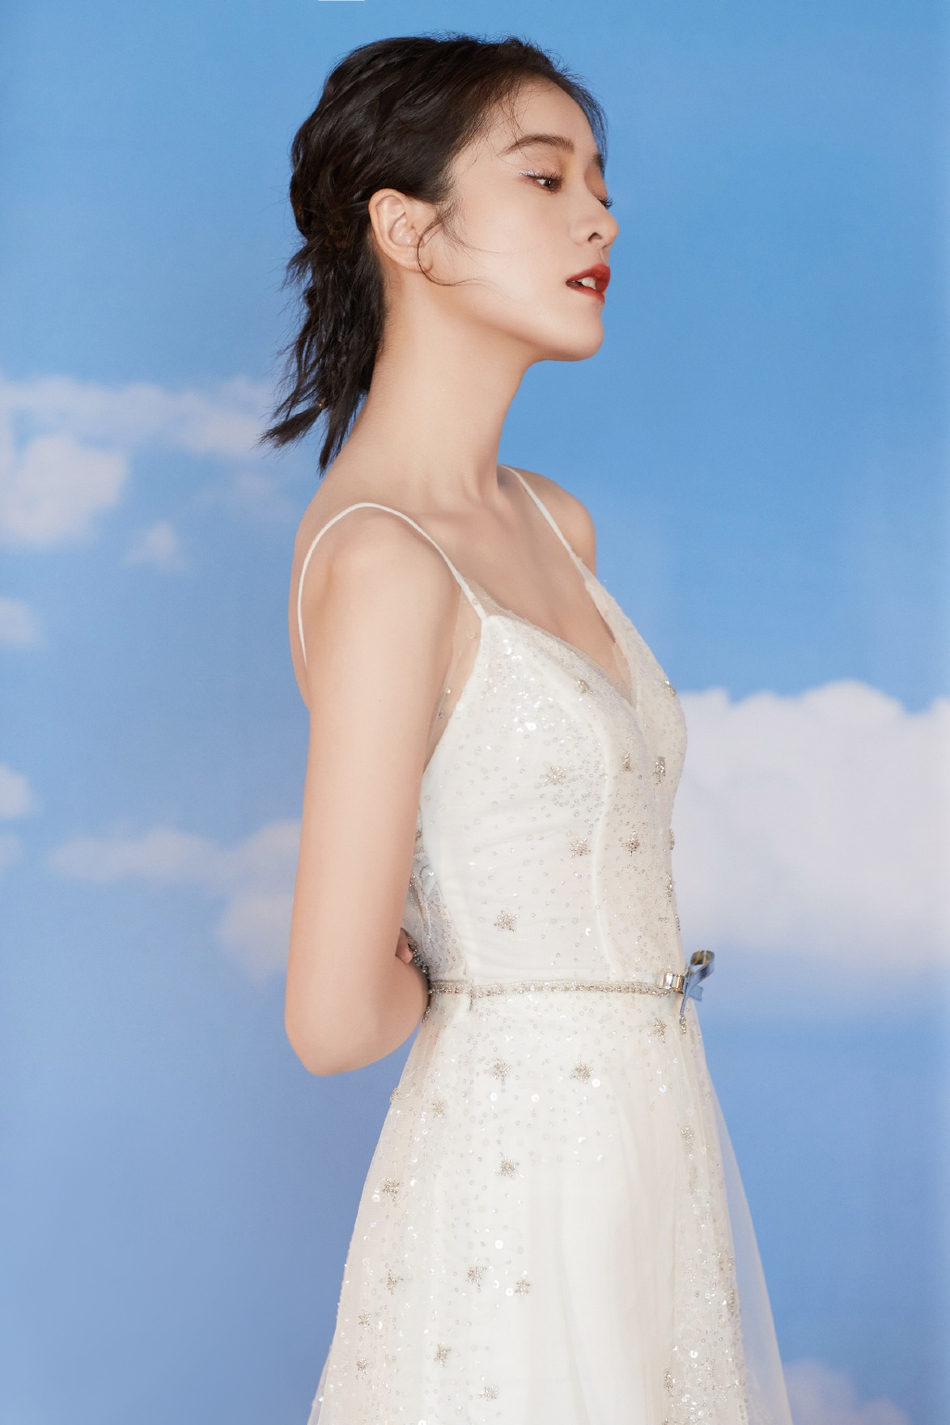 组图:冰雪公主!张雪迎轻纱吊带裙温柔浪漫 大秀美背性感撩人